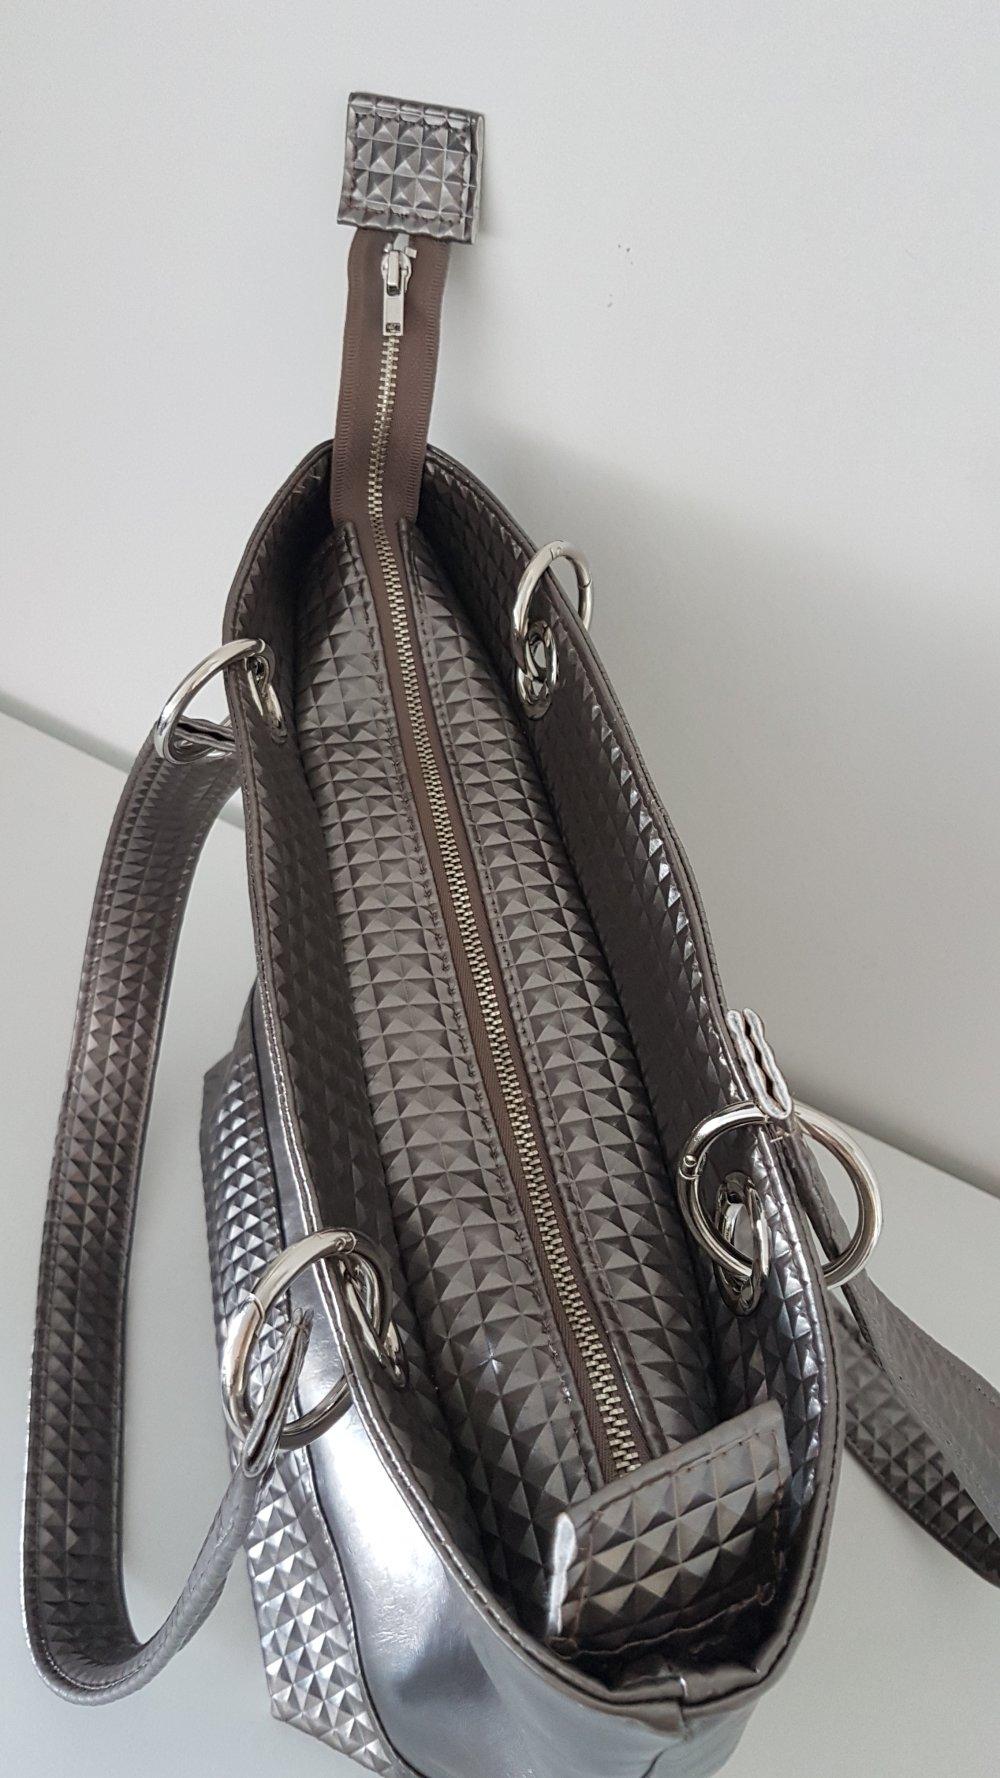 Sac cabas porté épaule, simili cuir lisse et 3d coloris bronze, doublure coton éventails rose, mousquetons, modèle unique